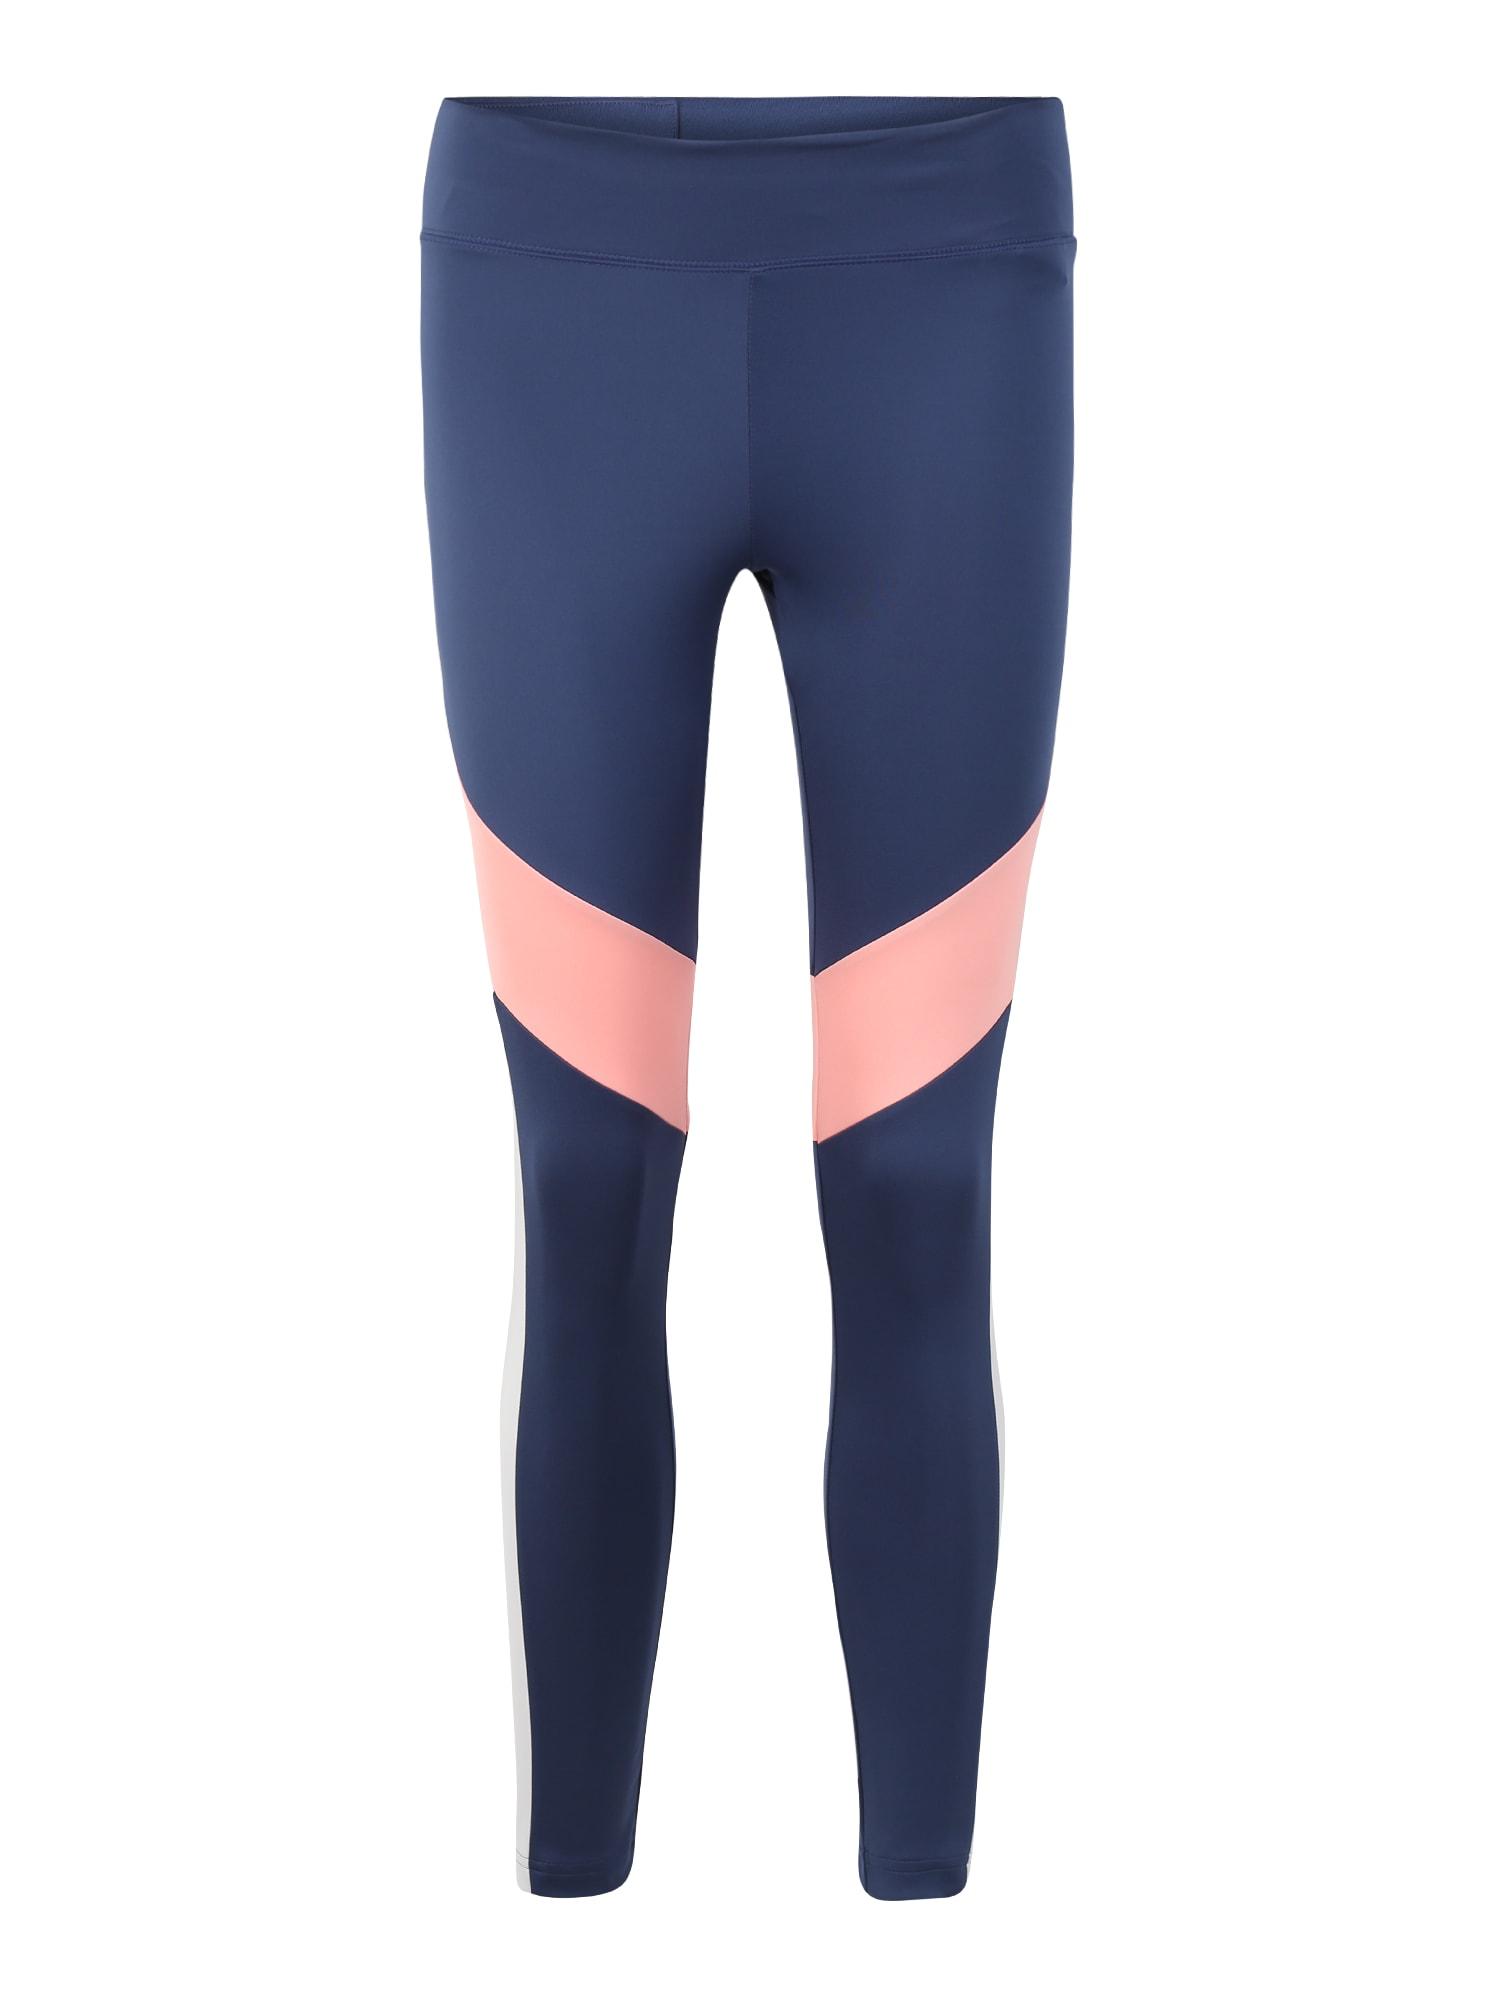 ADIDAS PERFORMANCE Sportinės kelnės 'W D2M CB 78TIG' rožių spalva / tamsiai mėlyna